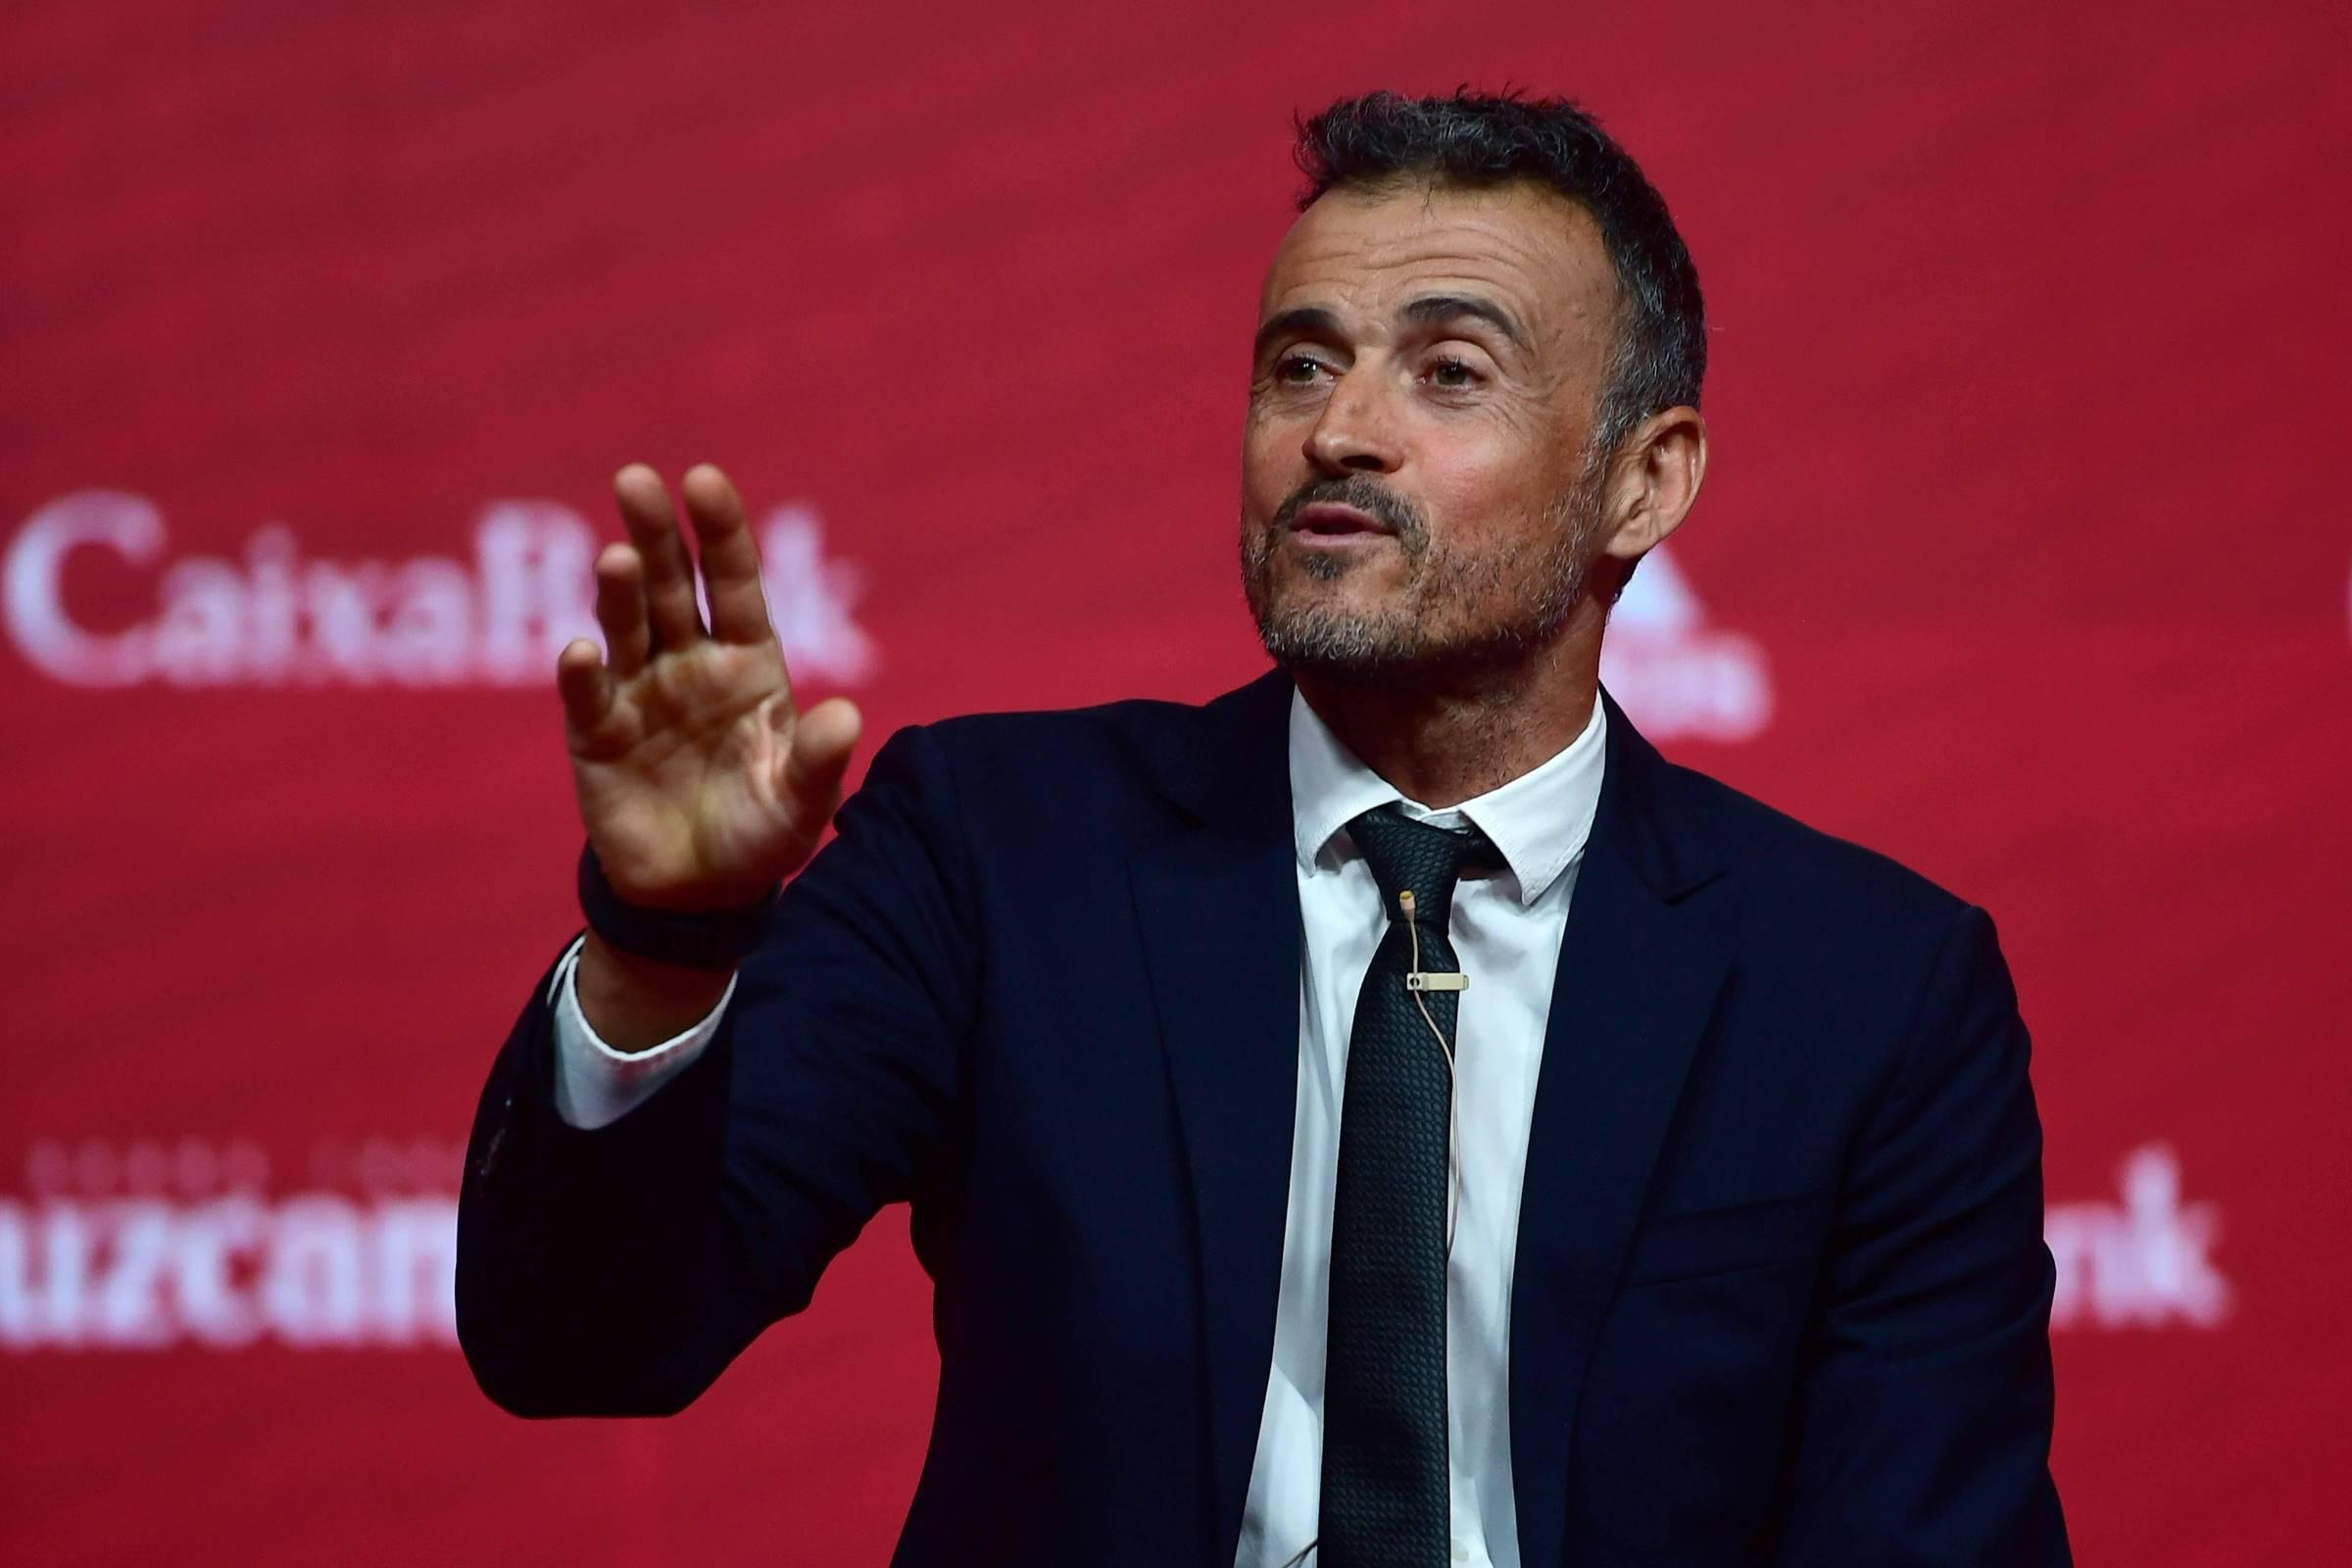 4b96ac433b Luis Enrique assume seleção espanhola e promete mudanças táticas na equipe  - 19 07 2018 - Esporte - Folha